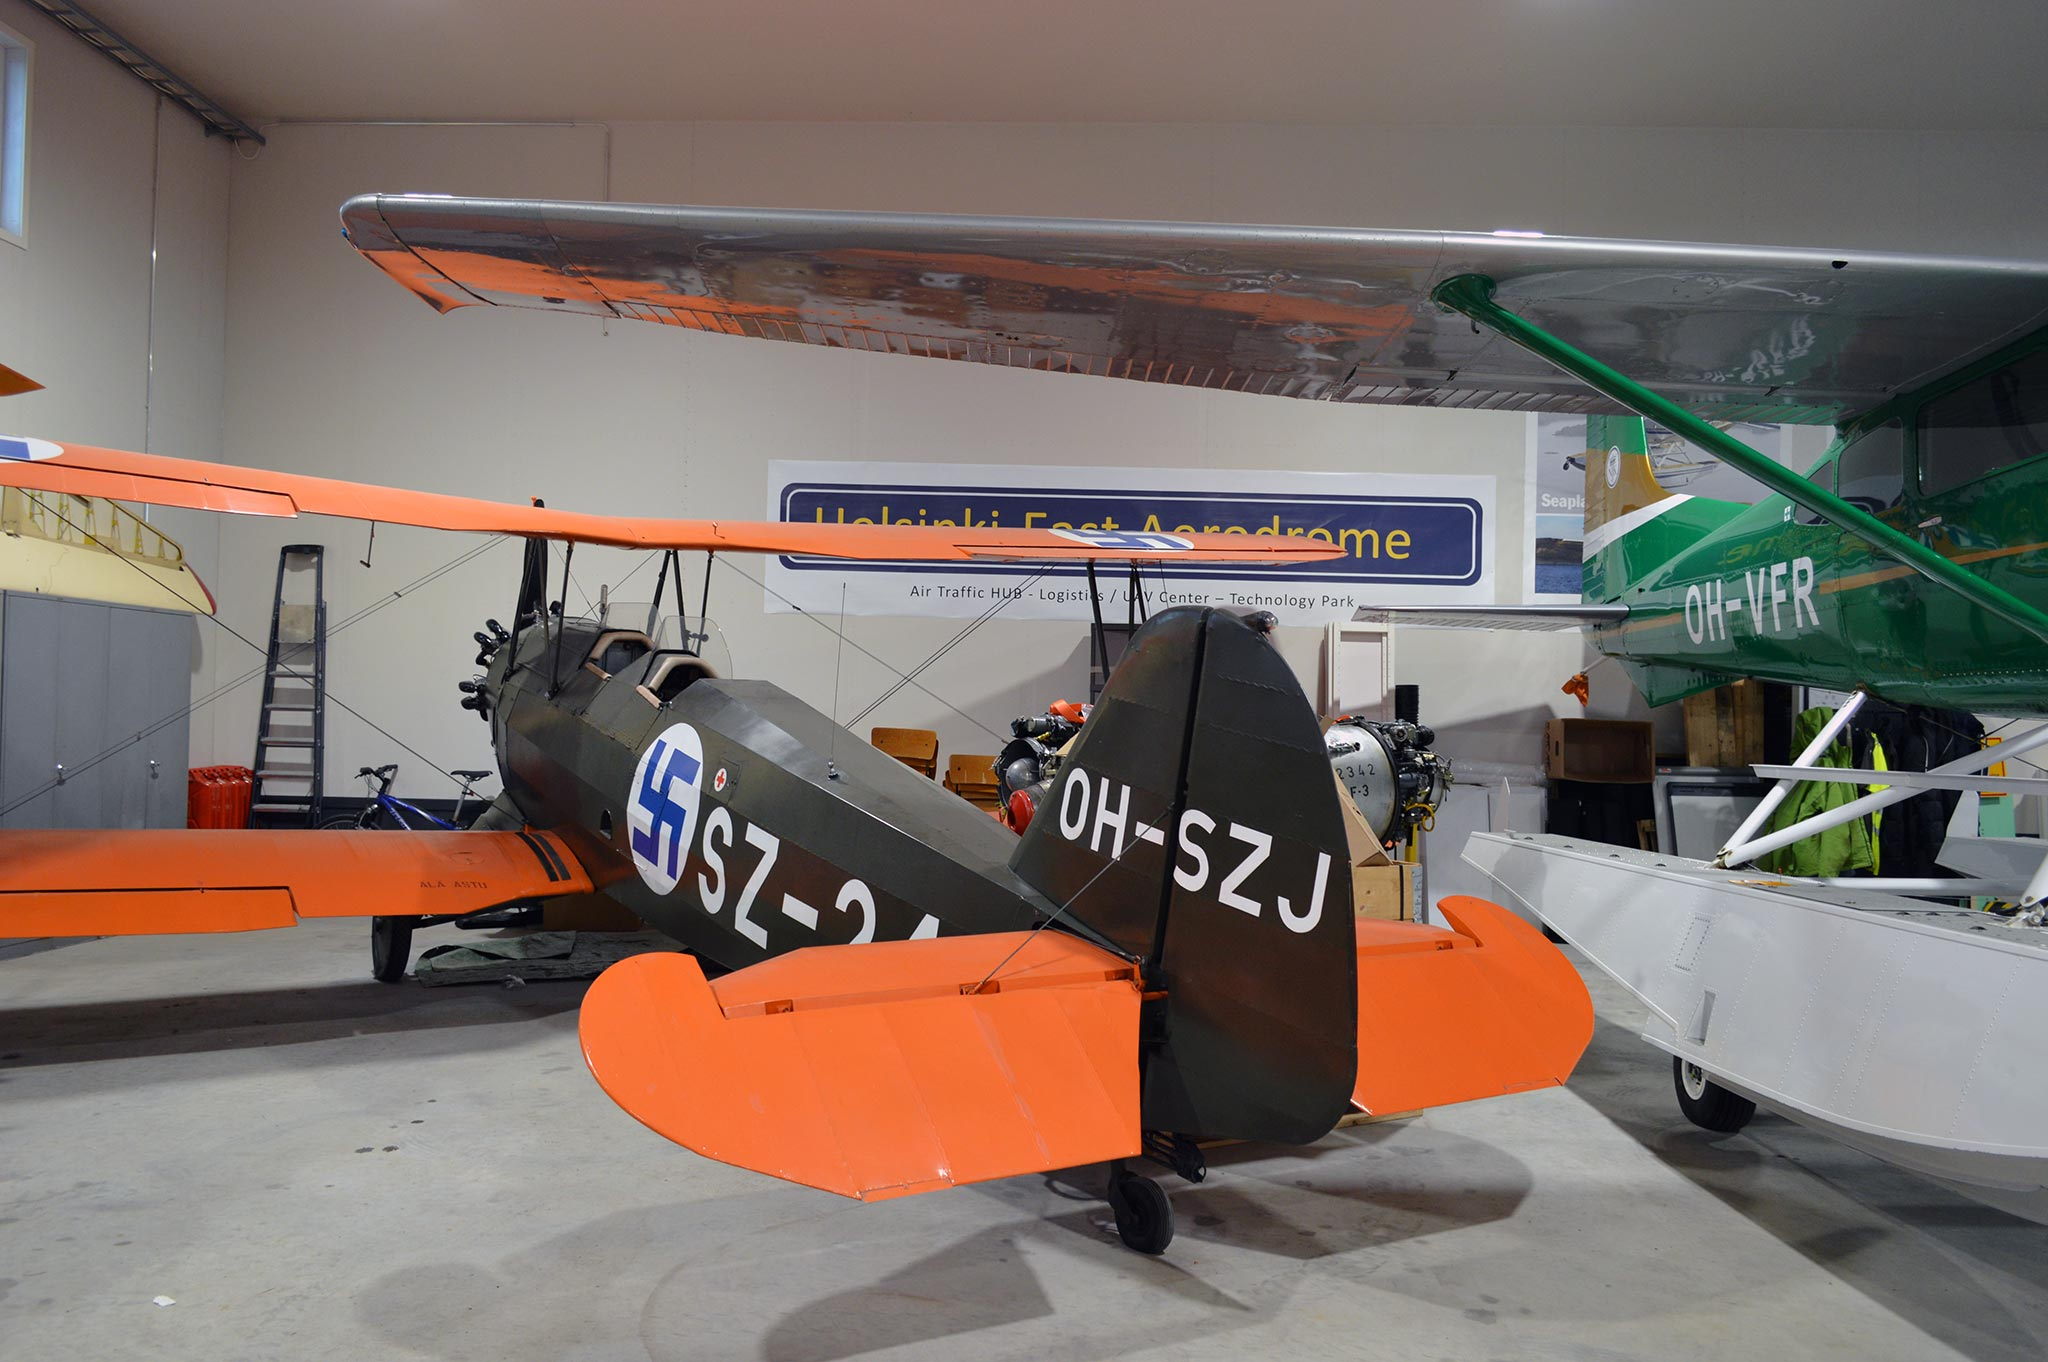 Pyhtään lentokonehallista löytyy toisen maailmansodan aikainen Suomen armeijan lentokone natsitunnuksin.